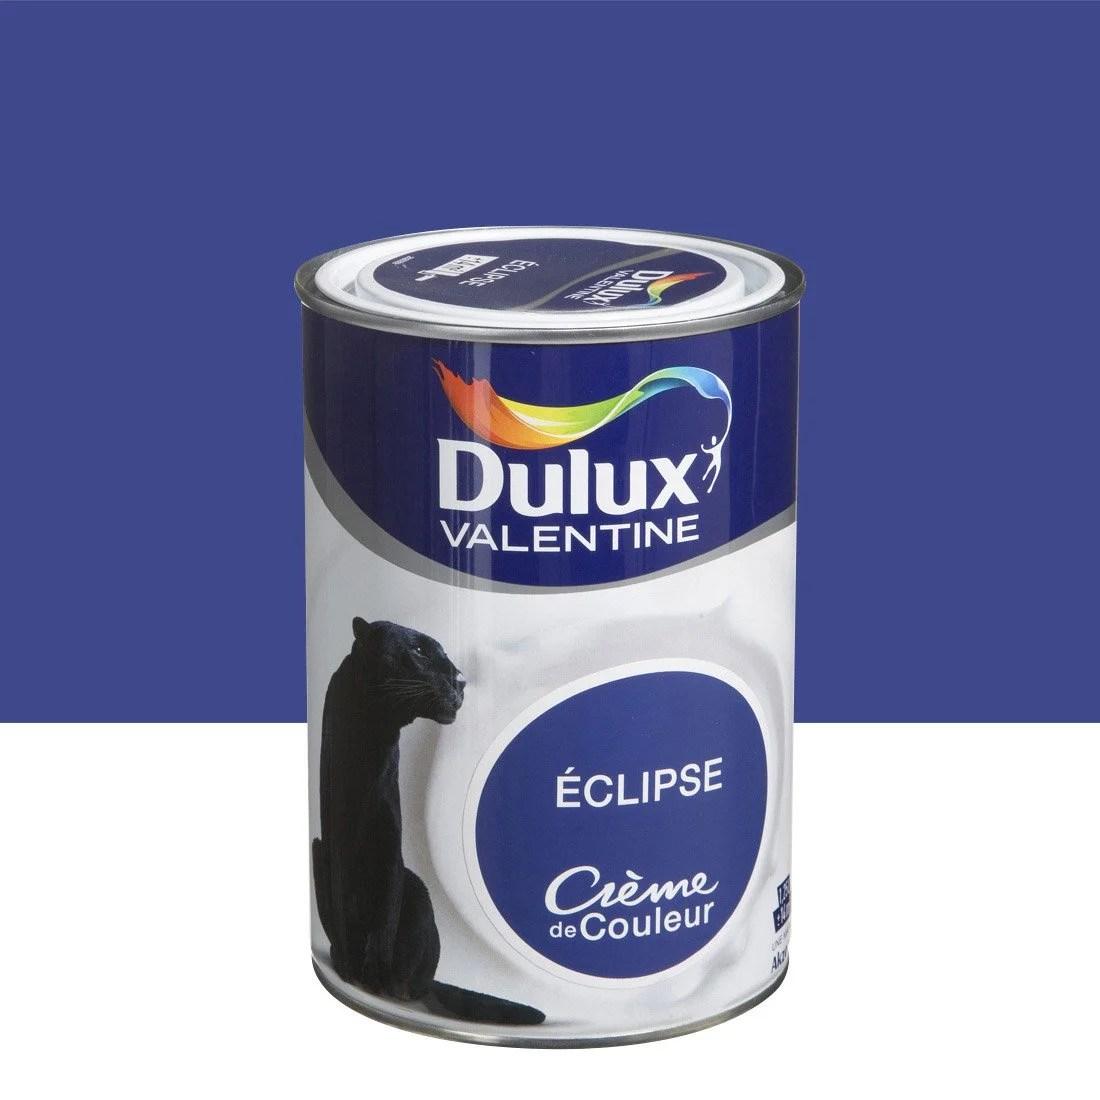 Peinture Bleu Clipse DULUX VALENTINE Crme De Couleur 1